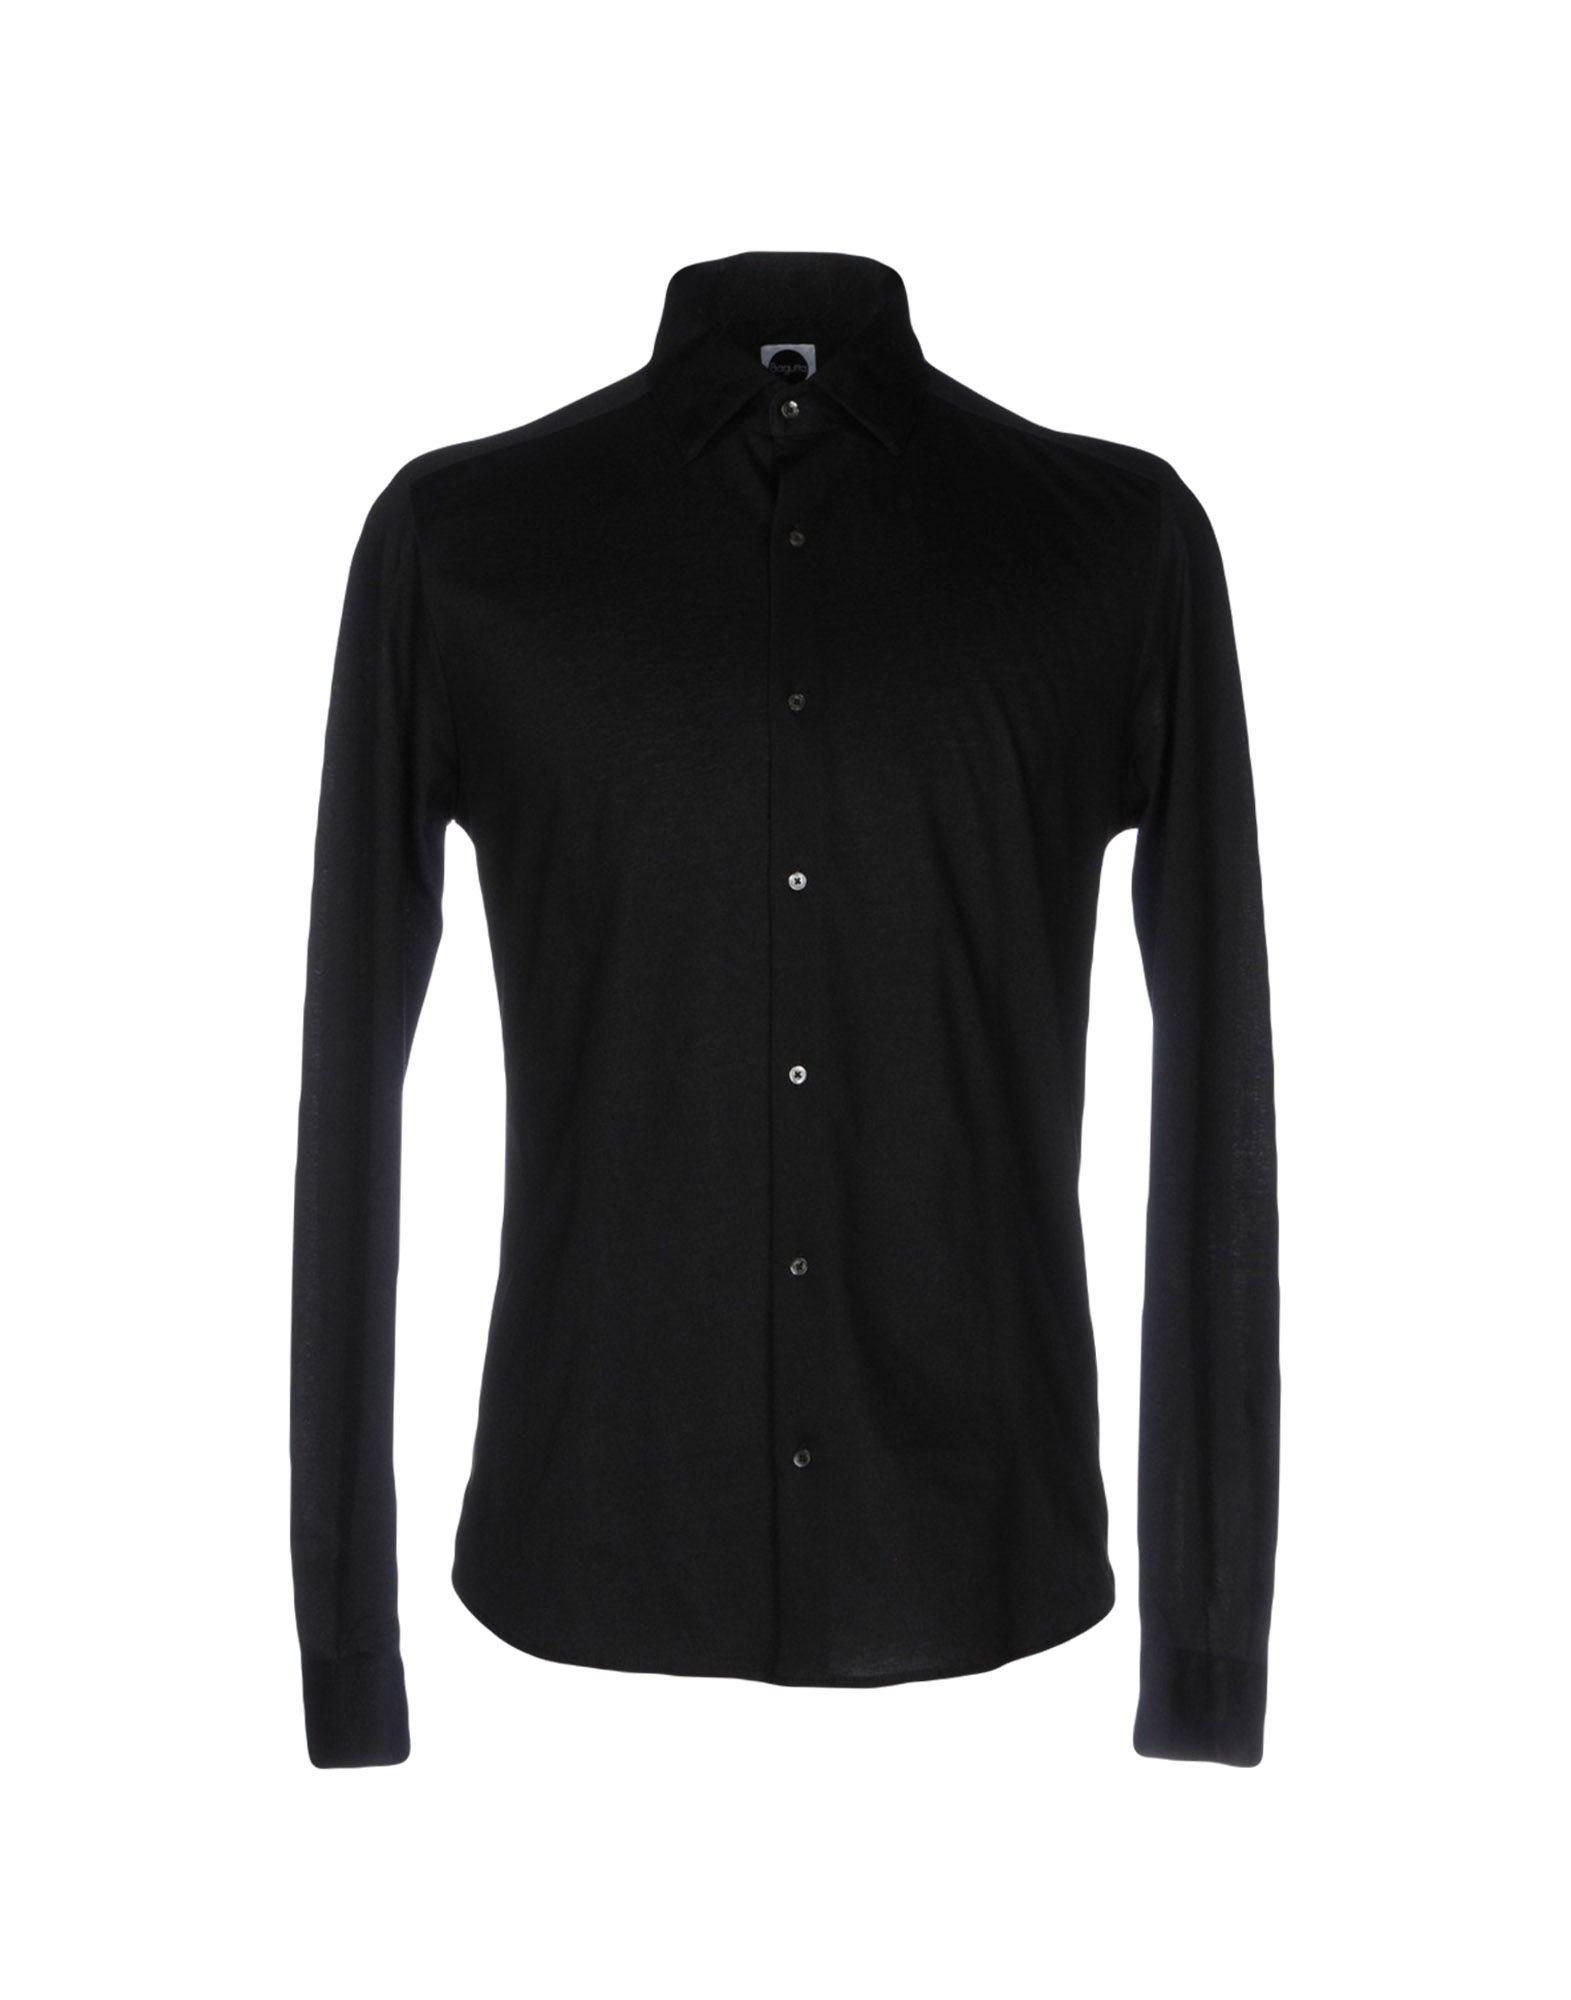 《送料無料》BAGUTTA メンズ シャツ ブラック L コットン 100%